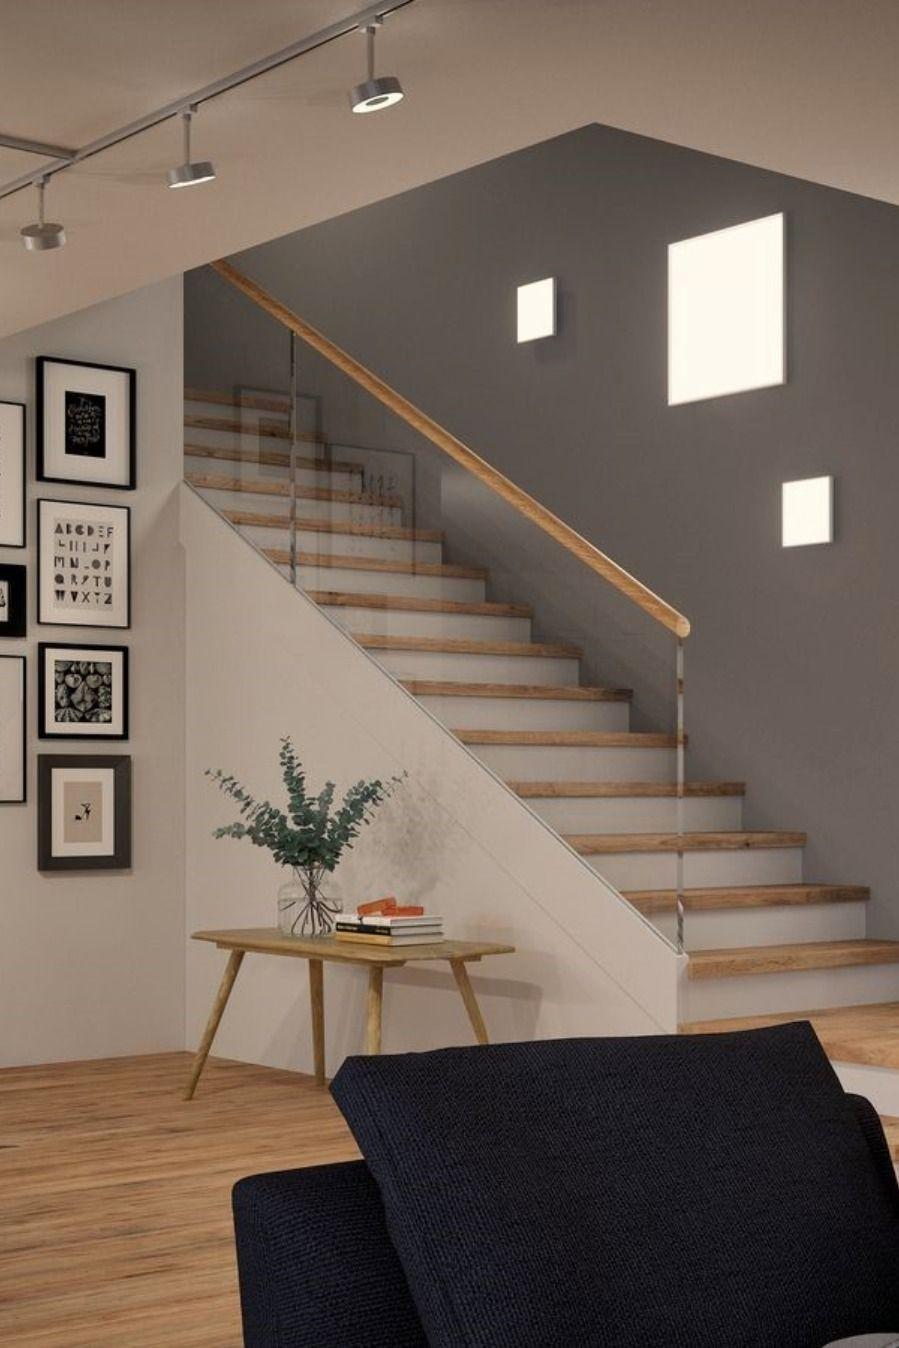 Wandbeleuchtung Blog Blog Eingangsbereichhausinnenflur Wandbeleuchtung In 2020 Wandbeleuchtung Treppenhaus Beleuchtung Lampen Treppenhaus